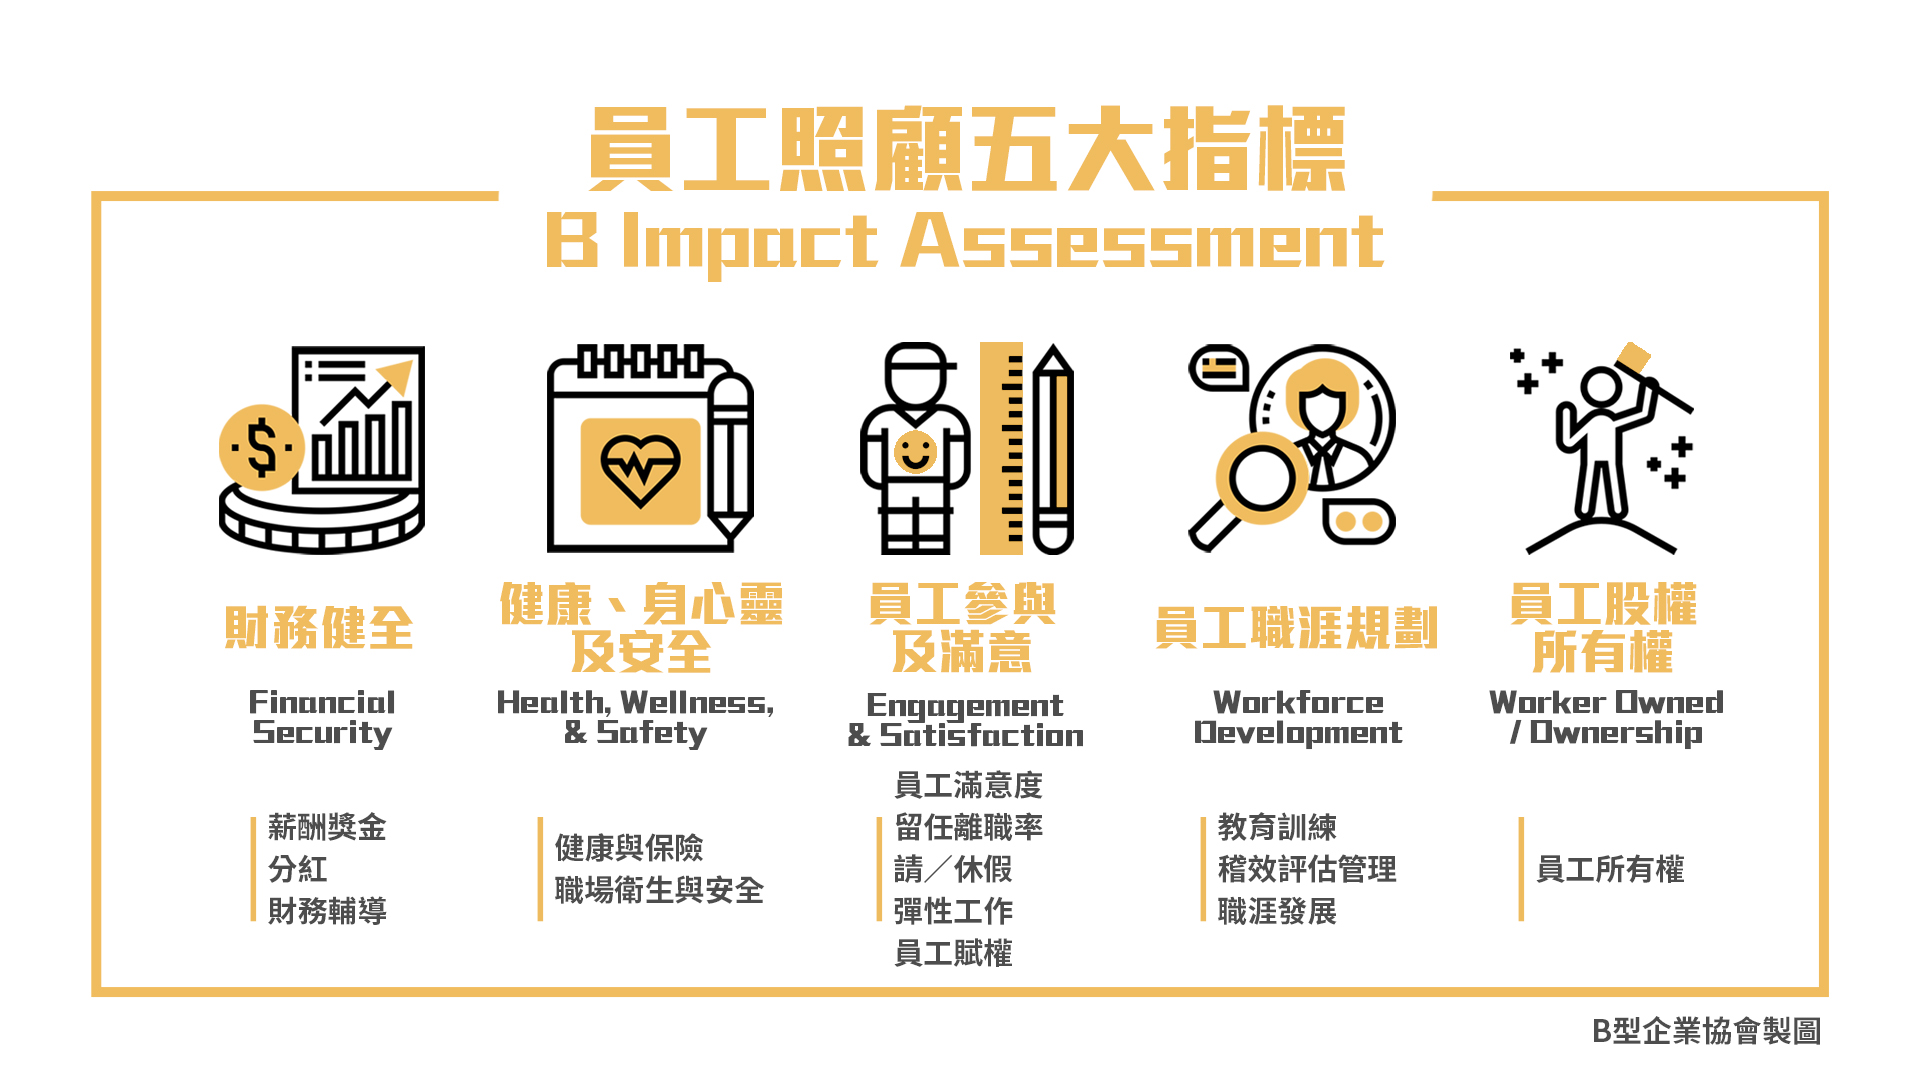 B Impact Assessment - 員工照顧五大指標.jpg